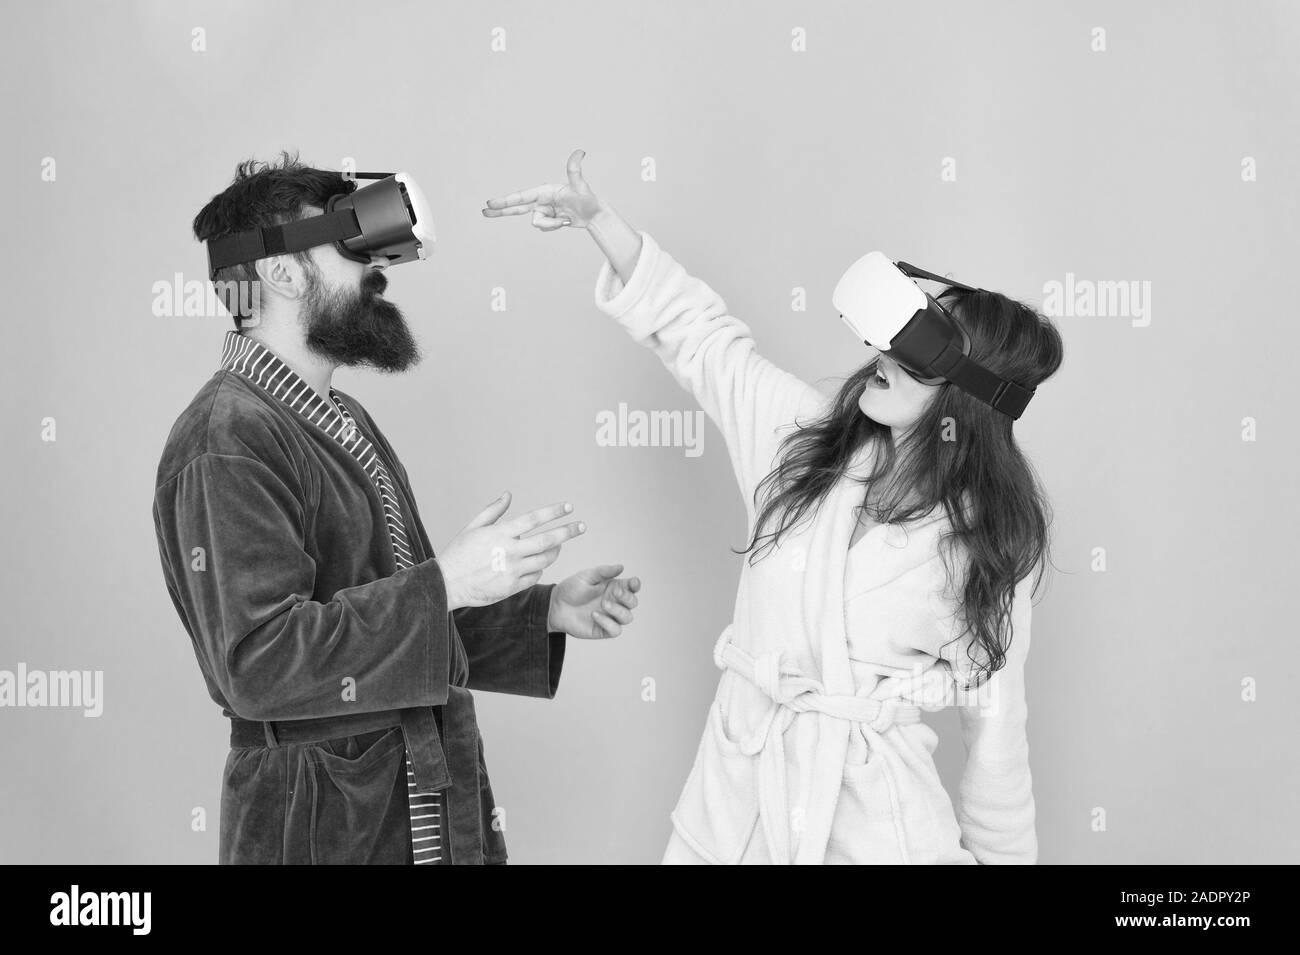 Disfruta de una nueva experiencia. La familia par llevar gafas vr. chica y man hipster relajarse. La mañana empieza con la tecnología del futuro. digital pareja. La innovación en las relaciones familiares. Crear una realidad. Es tan real. Foto de stock